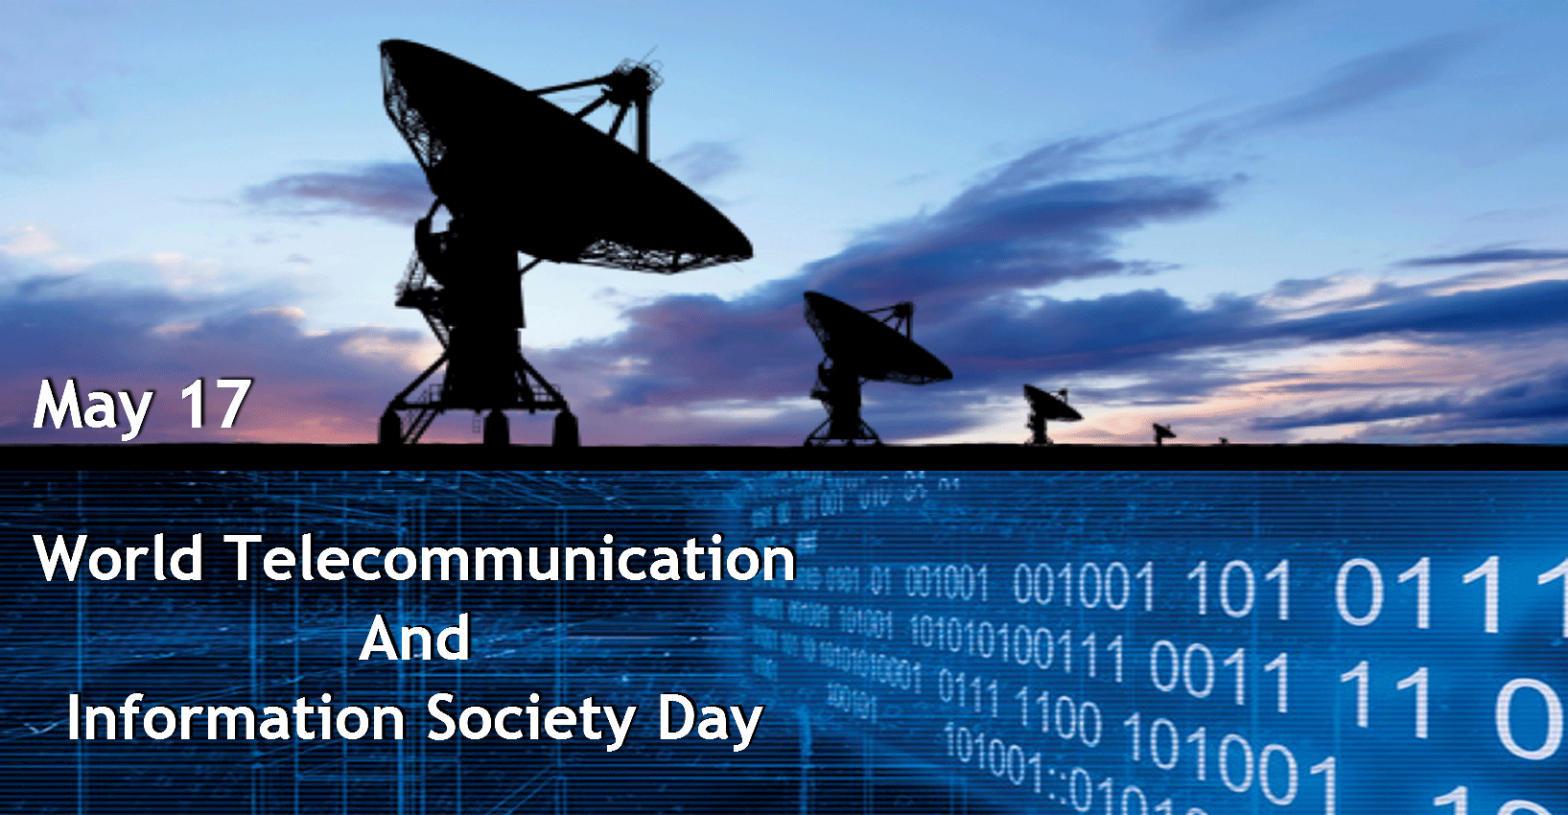 World Telecommunication and Information Society Day: 17 May | ওয়ার্ল্ড টেলিকমিউনিকেশন অ্যান্ড ইনফরমেশন সোসাইটি দিবস: 17 মে_40.1